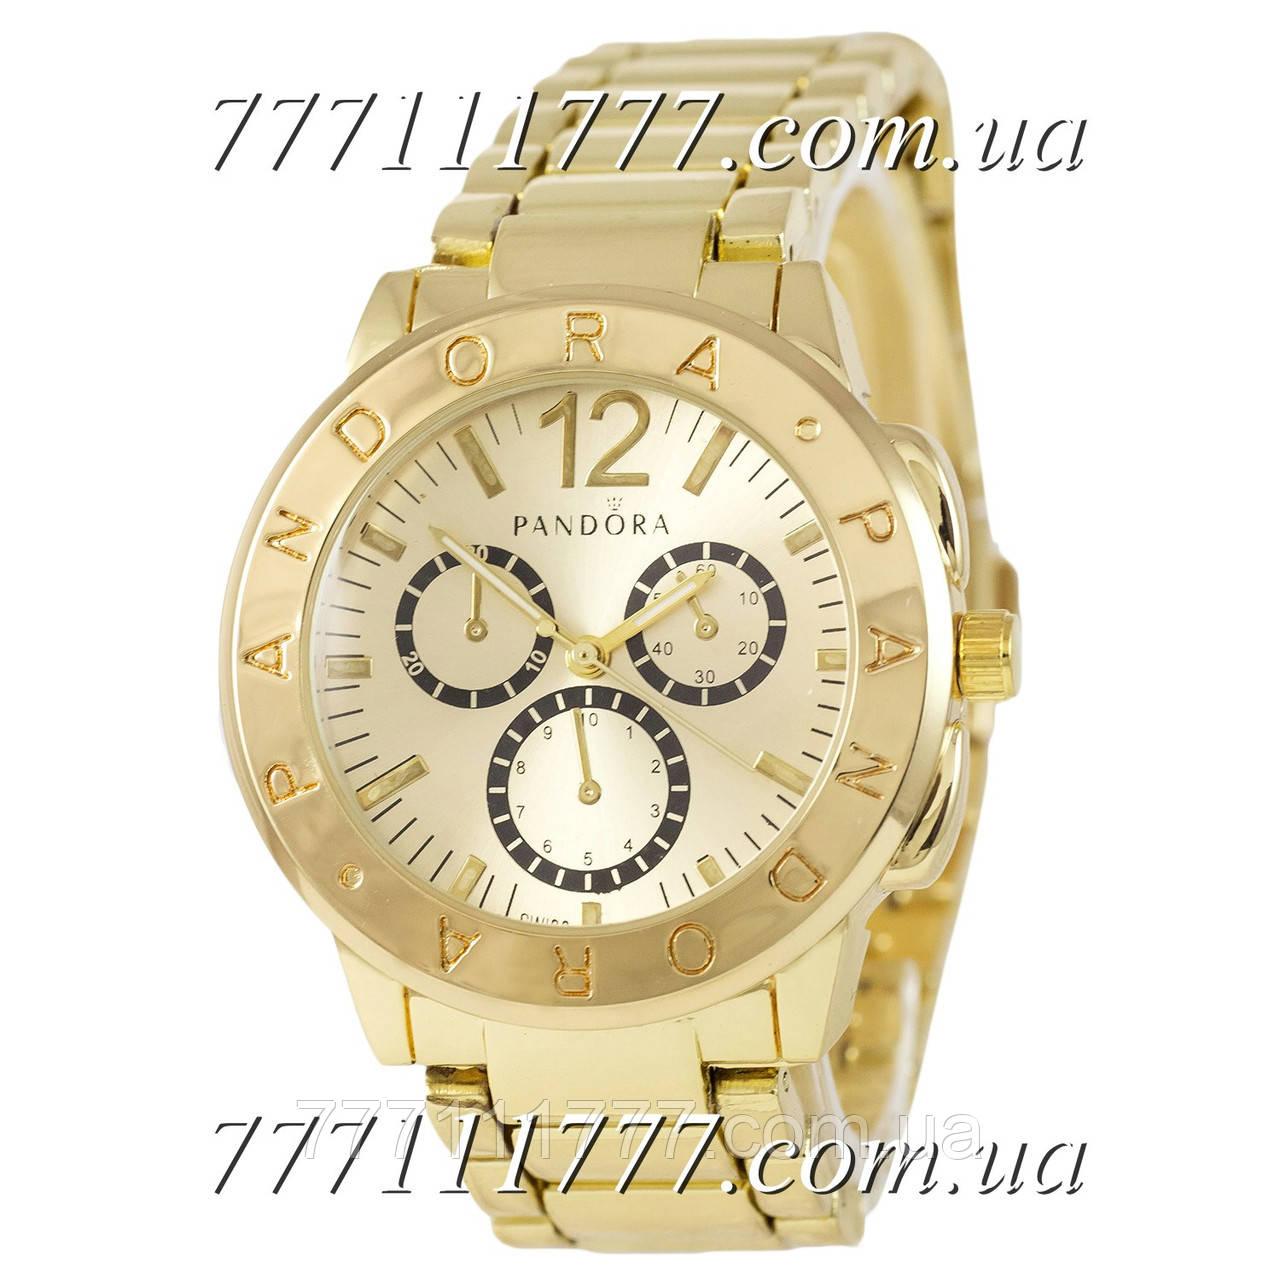 b50c05c352d8 Часы мужские наручные Pandora Сircle All Gold  продажа, цена в Киеве ...